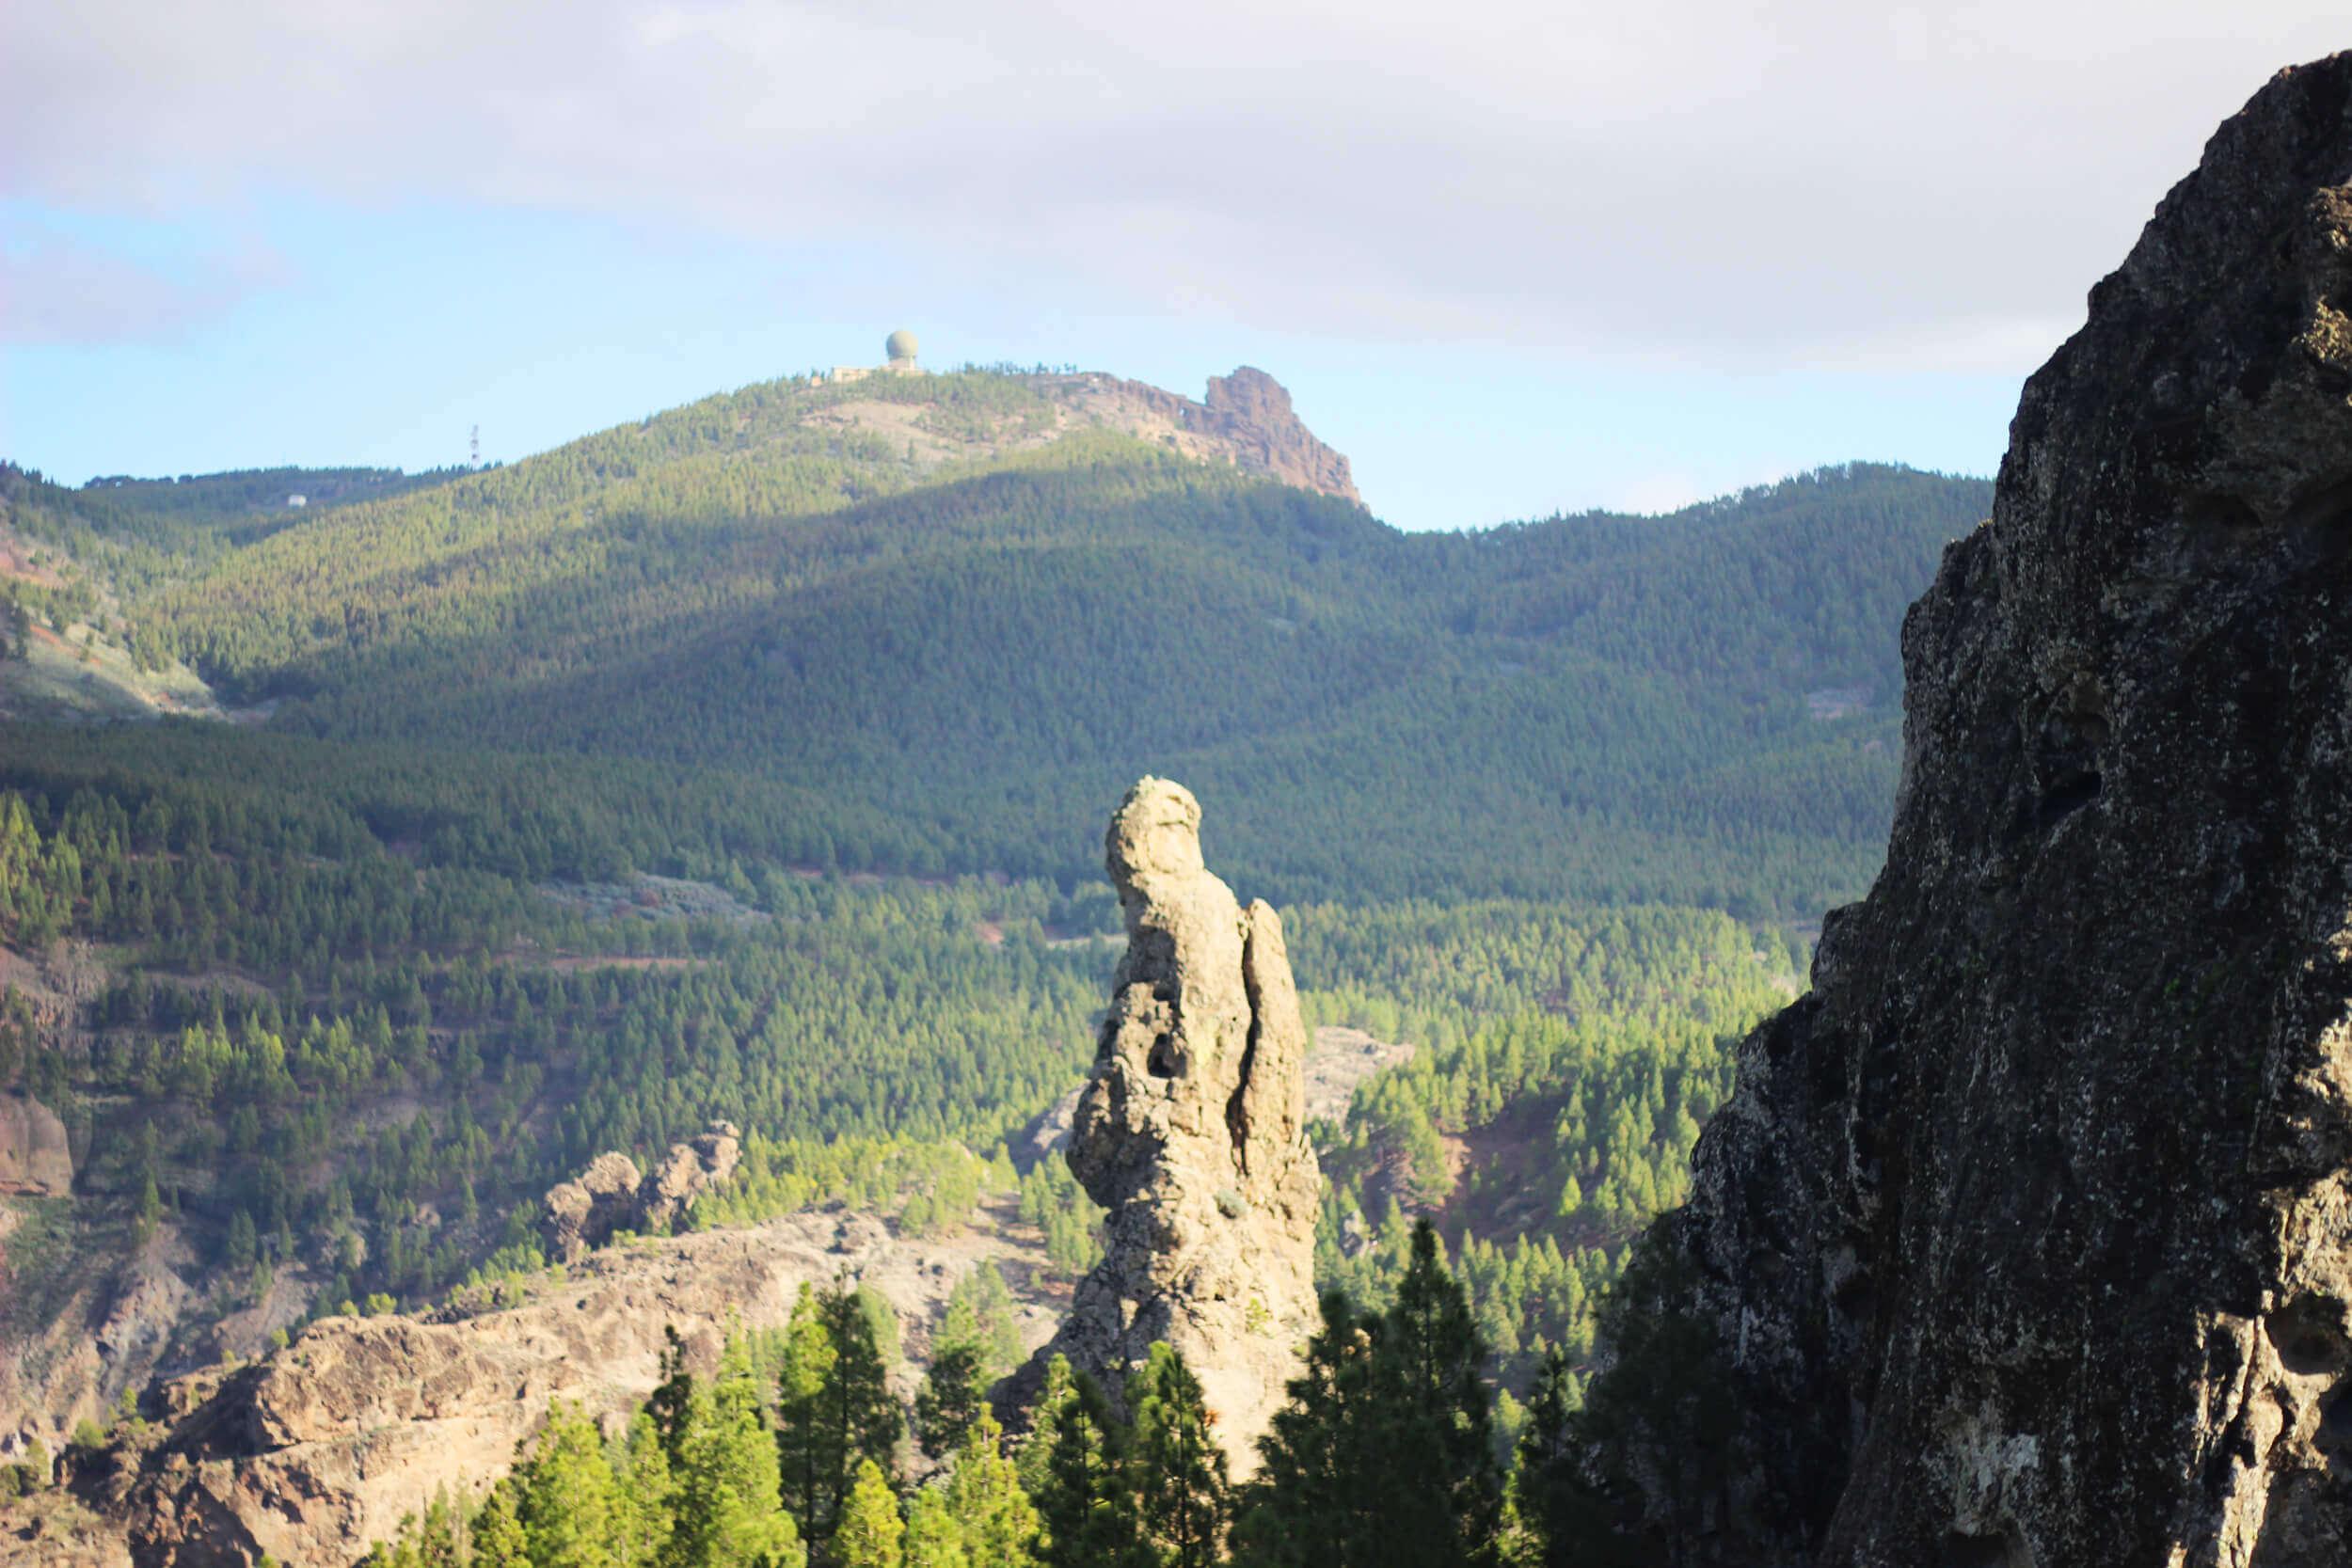 Roque conocido como El Fraile y Pico de Las Nieves en el fondo de la imagen.